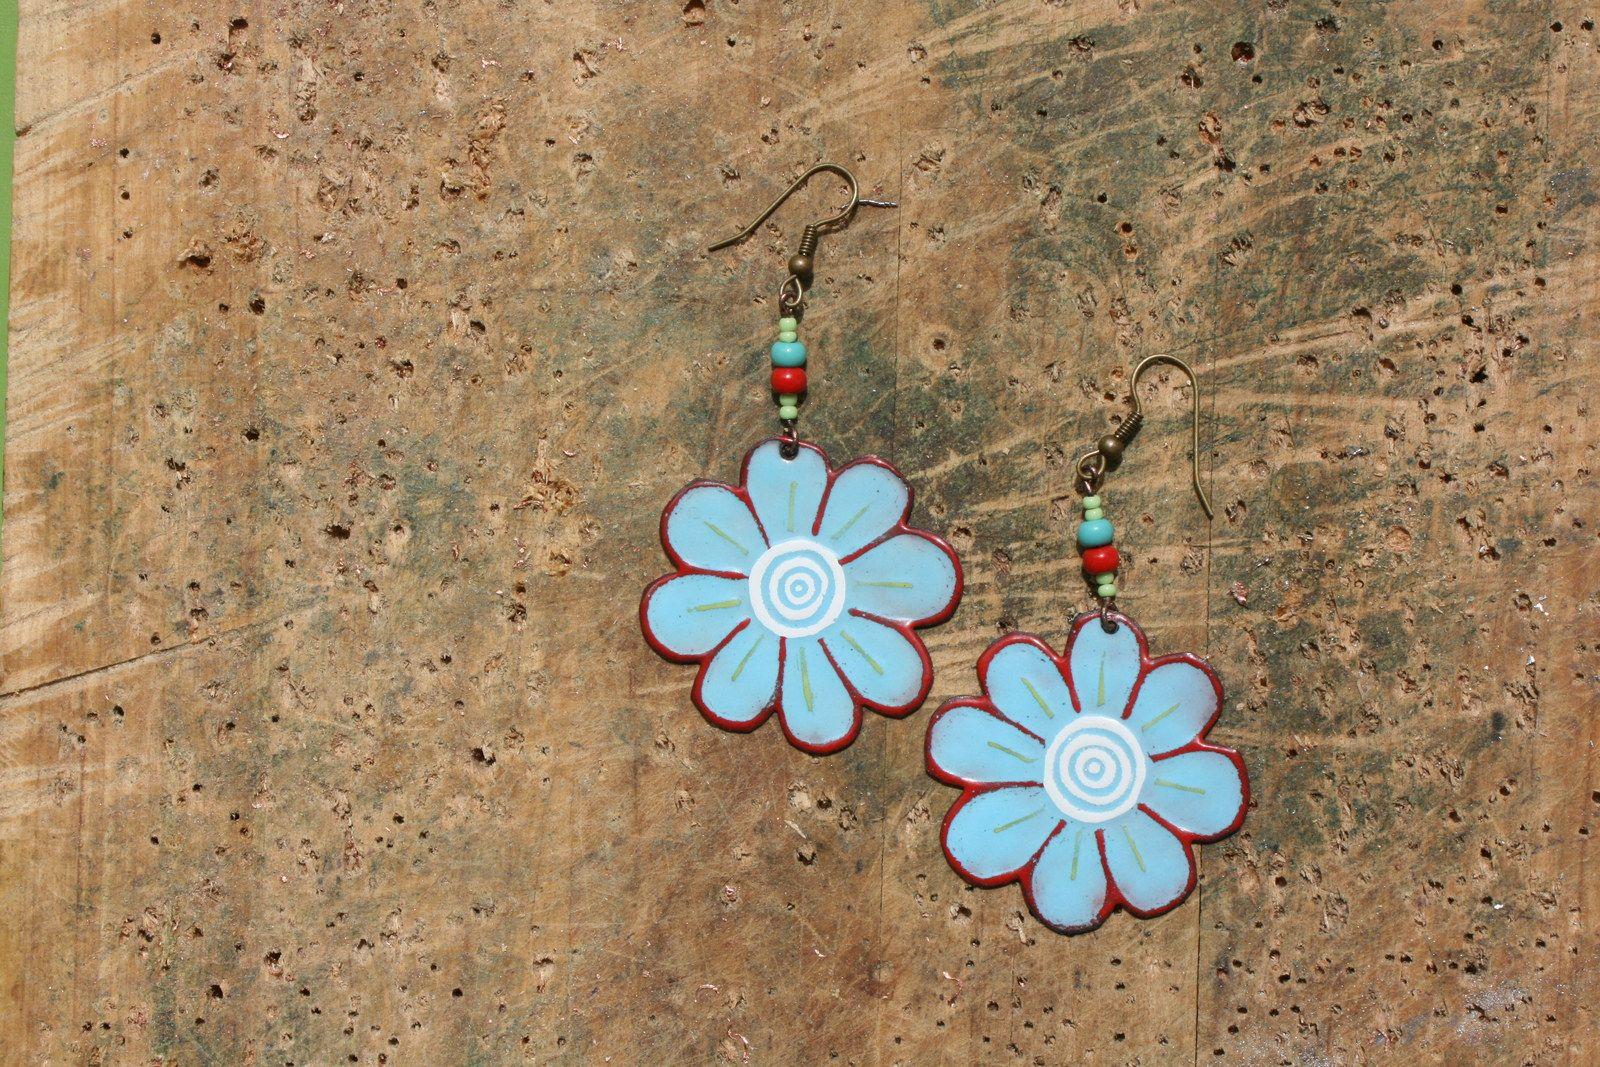 Tyrkysové květinky Smaltované květinky, vyrobené z ručně vyřezávané mědi,několikrát pálené v elektrické pícce. Průměr náušek je 4 cm. Náušničky jsou ozdobeny skleněnými korálky, zavěšené na afroháčku. Zadní strana je ošetřena bezbarvým sprejem.